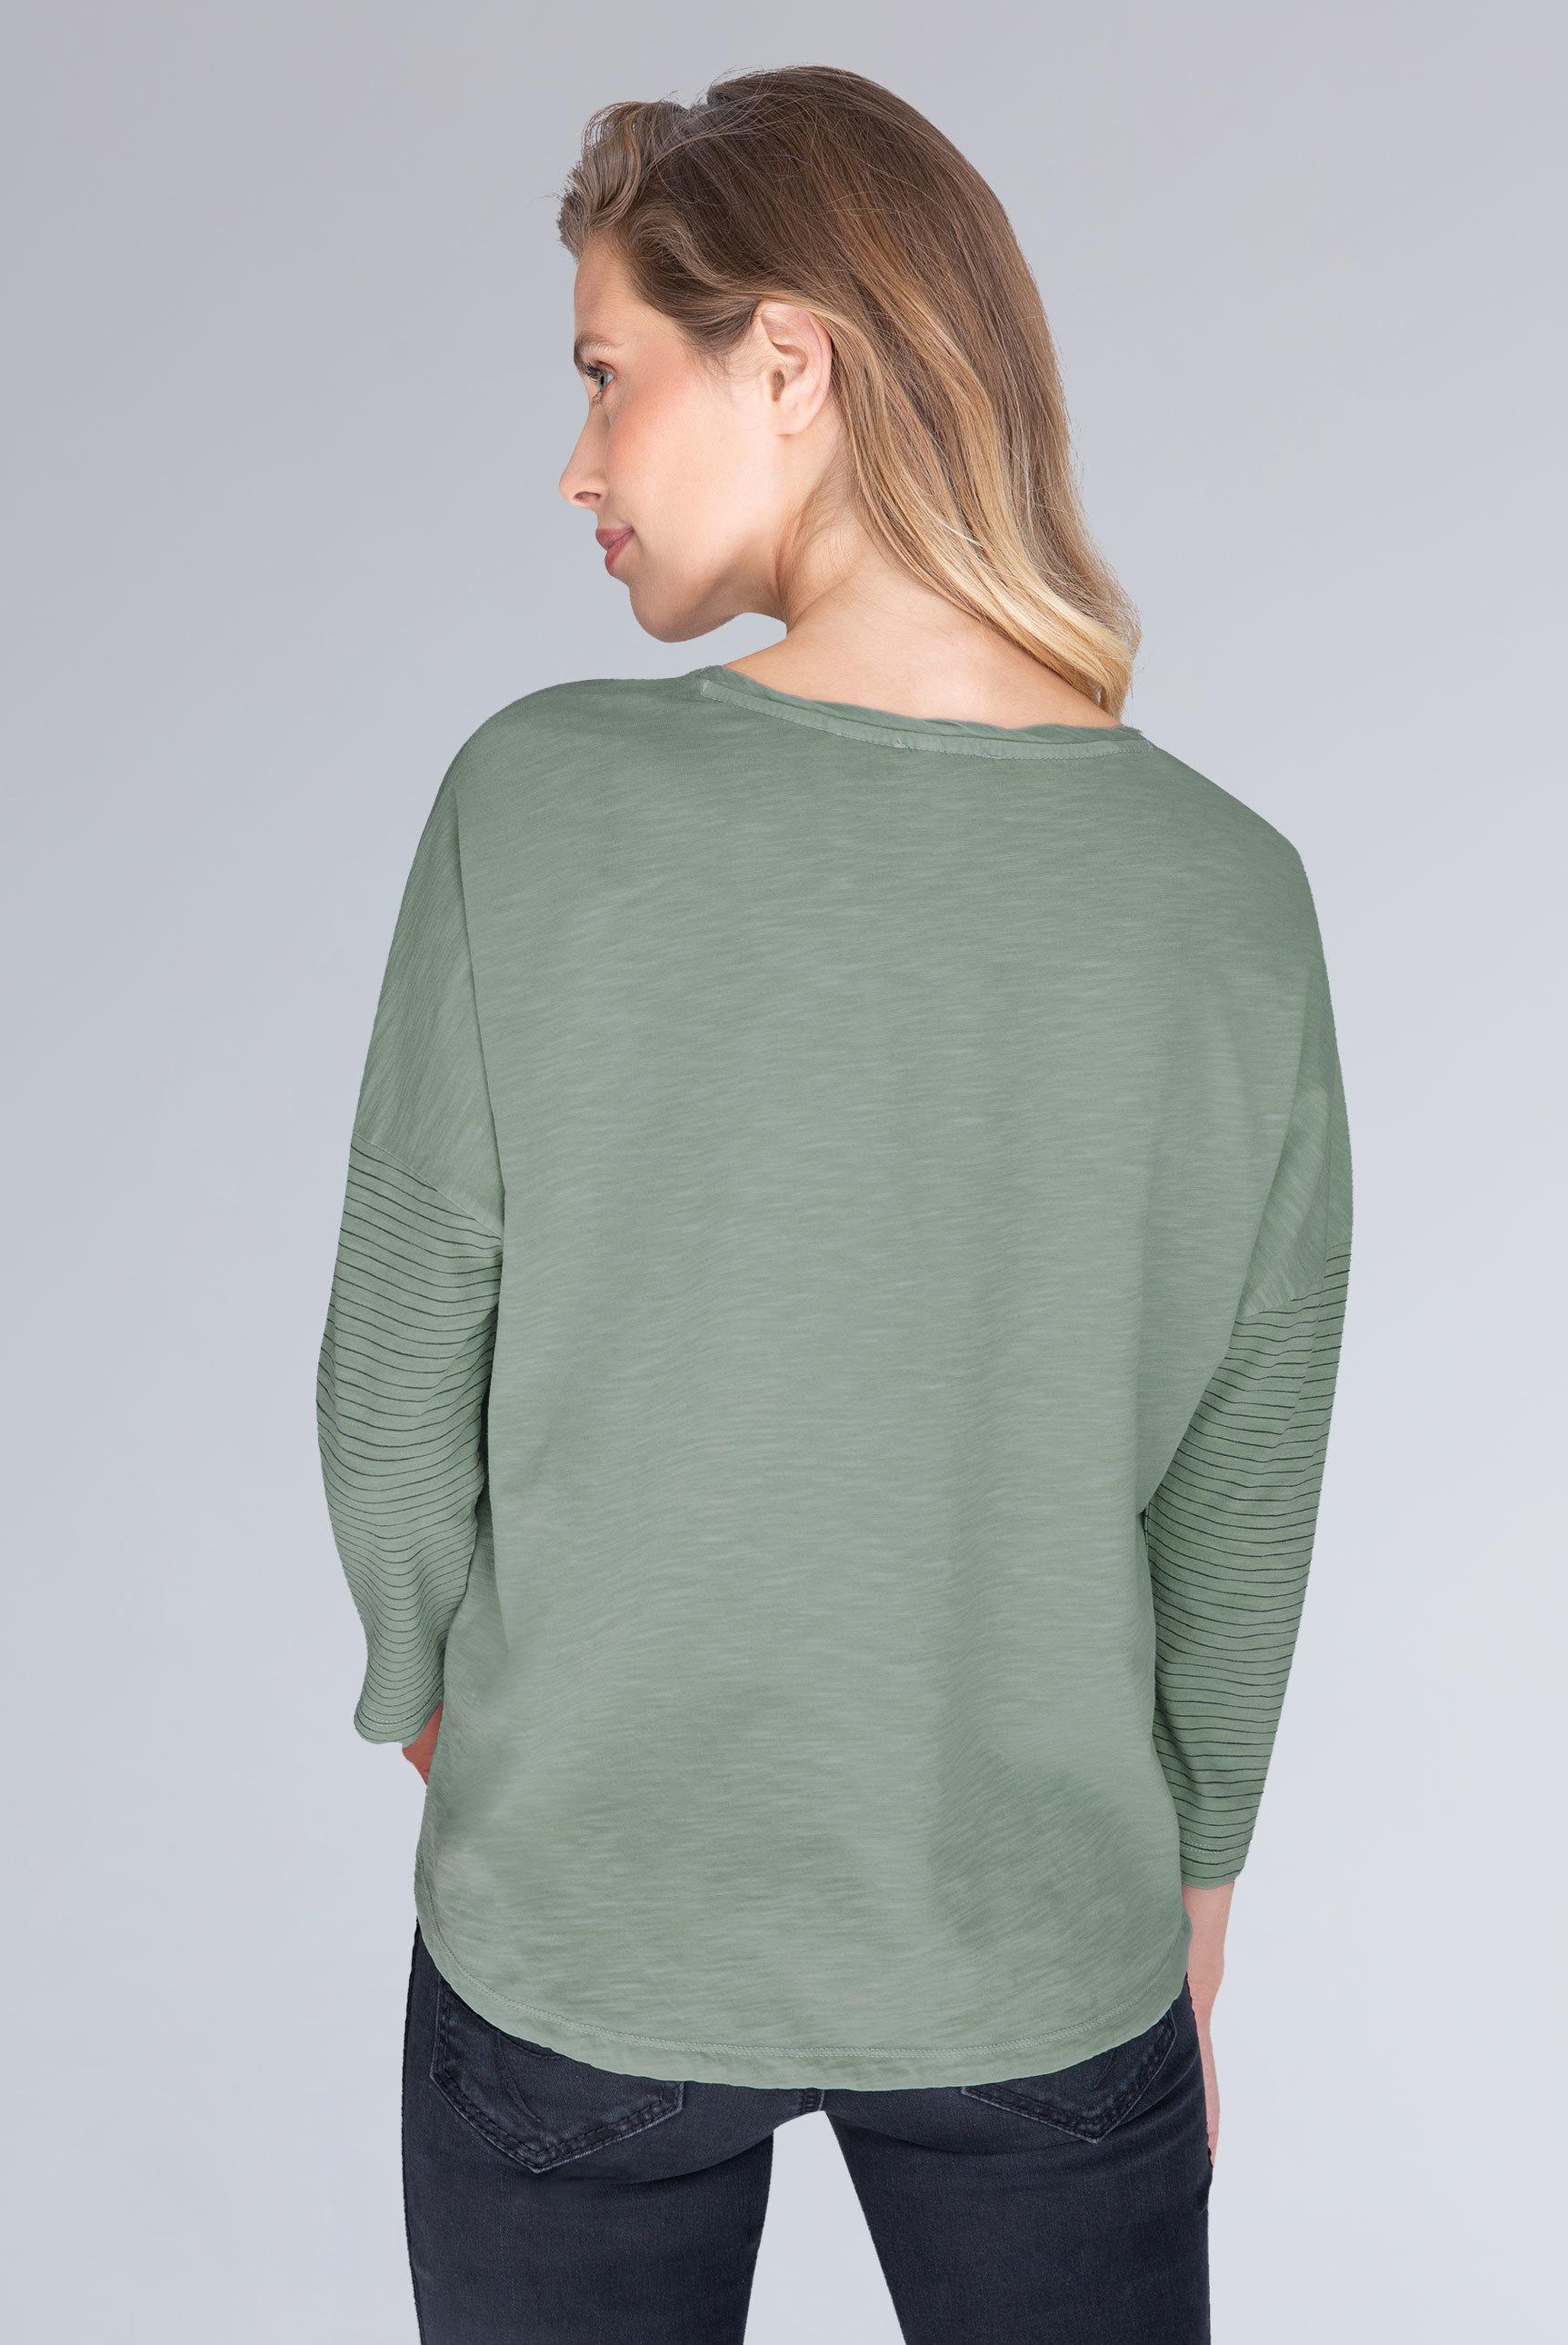 Slub Yarn Shirt mit 3/4-Ärmeln und Artwork